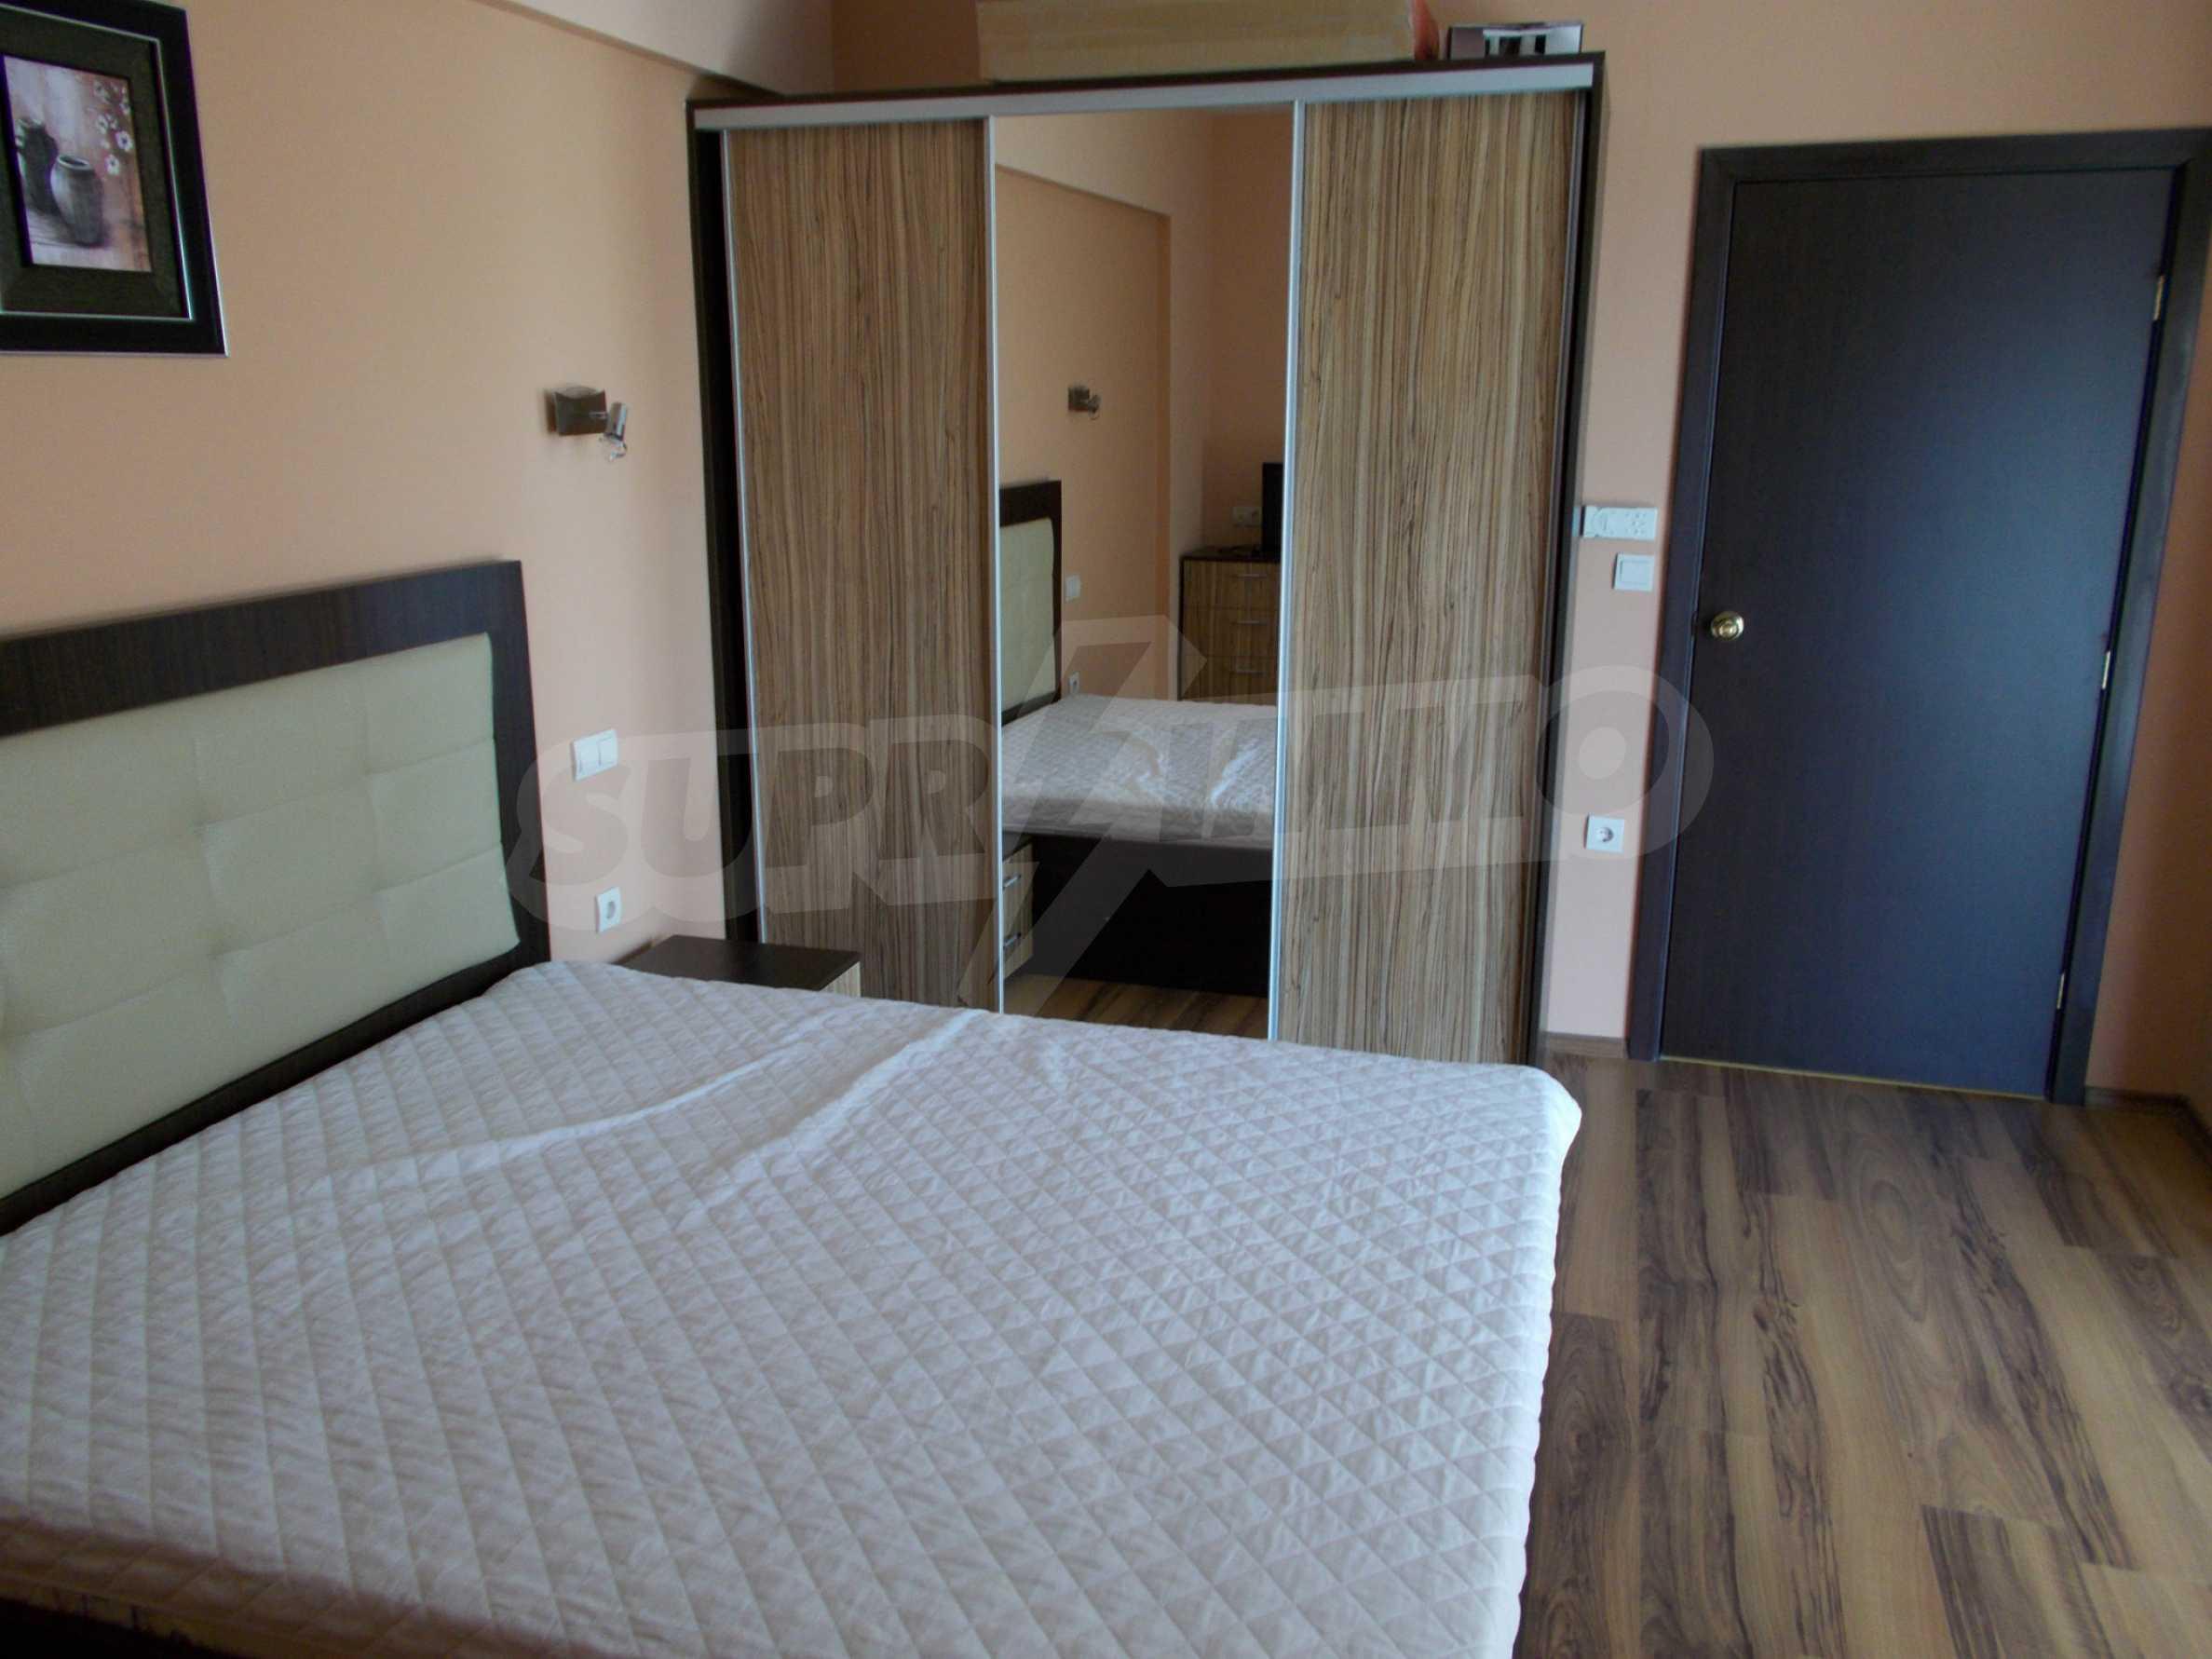 Ein-Zimmer-Wohnung im VRIS-Komplex in Tsarevo 10